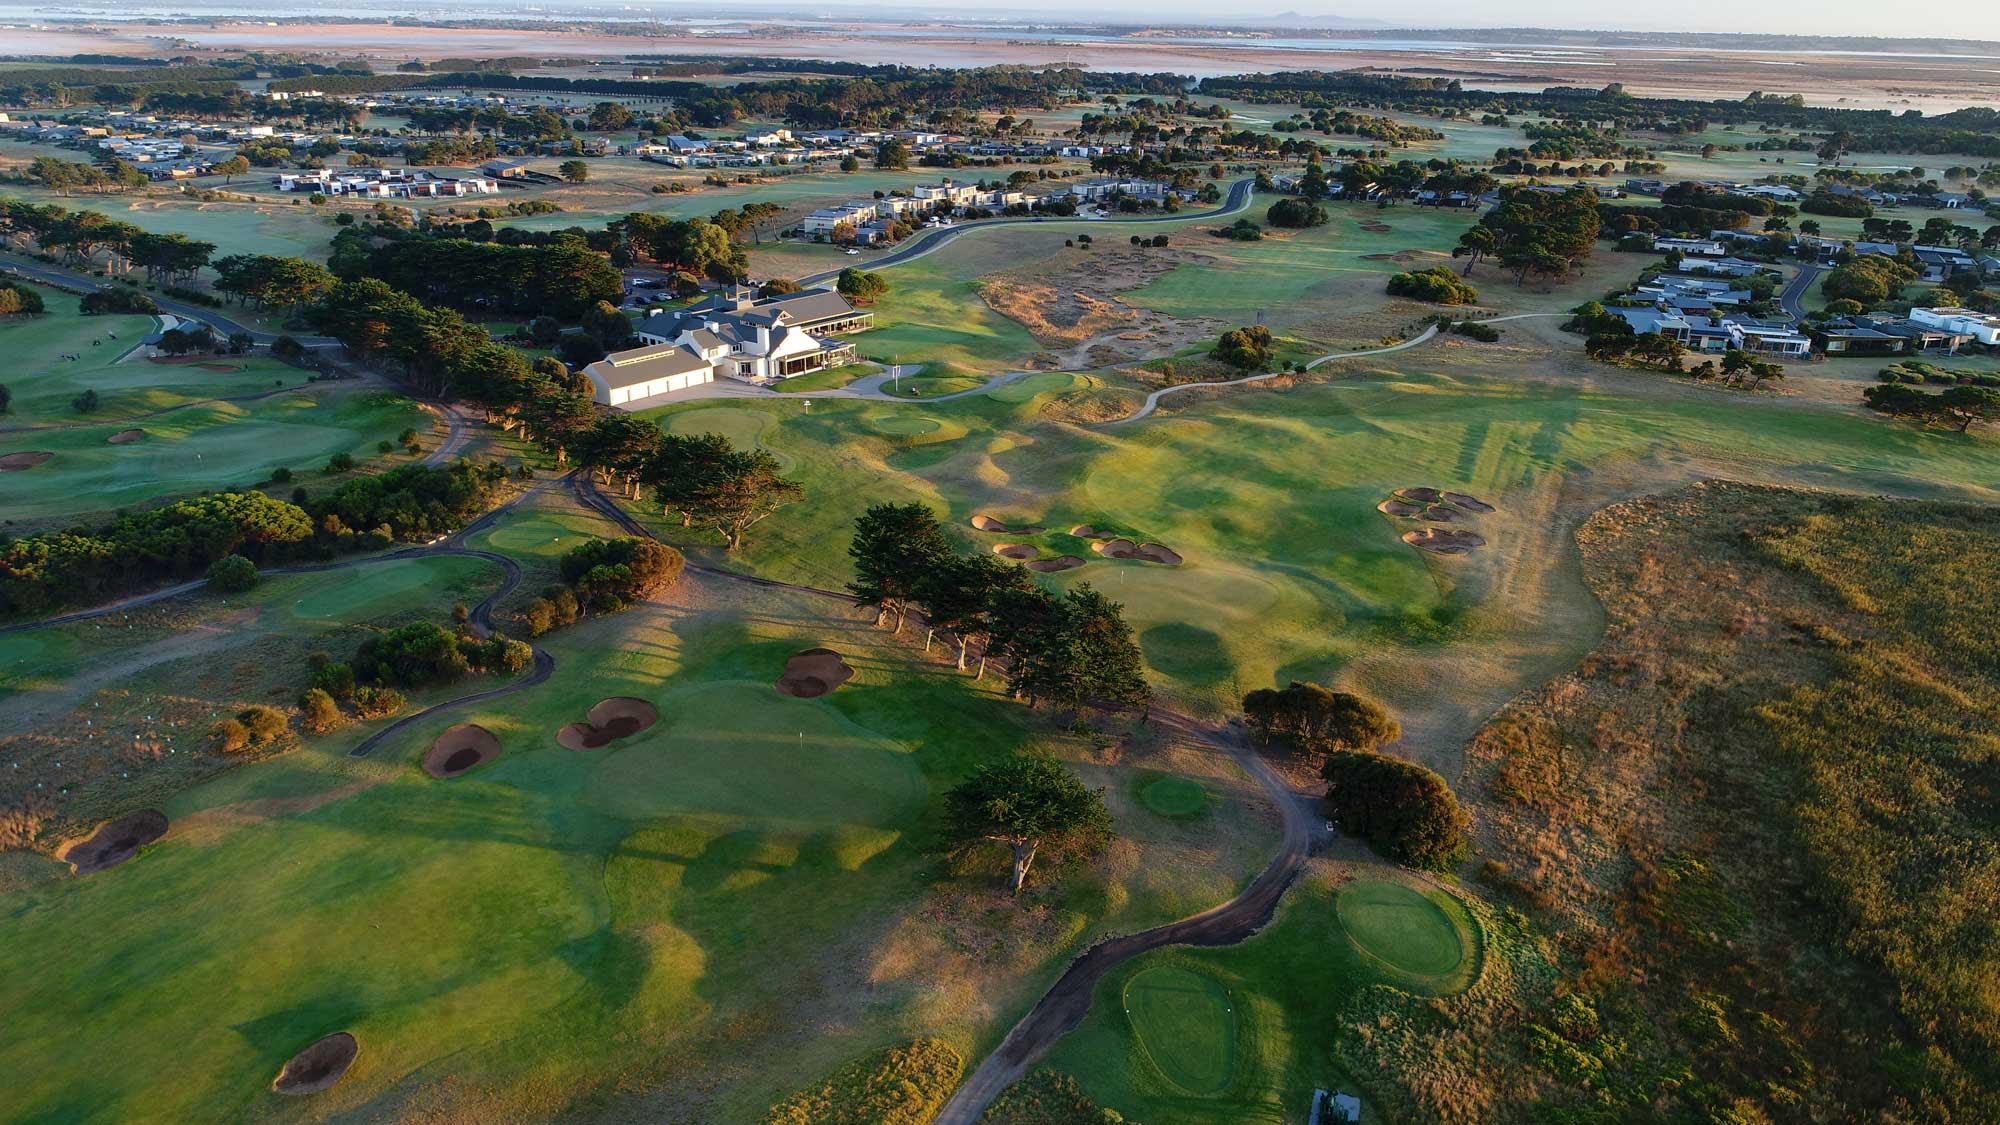 The 13th Beach Golf Club